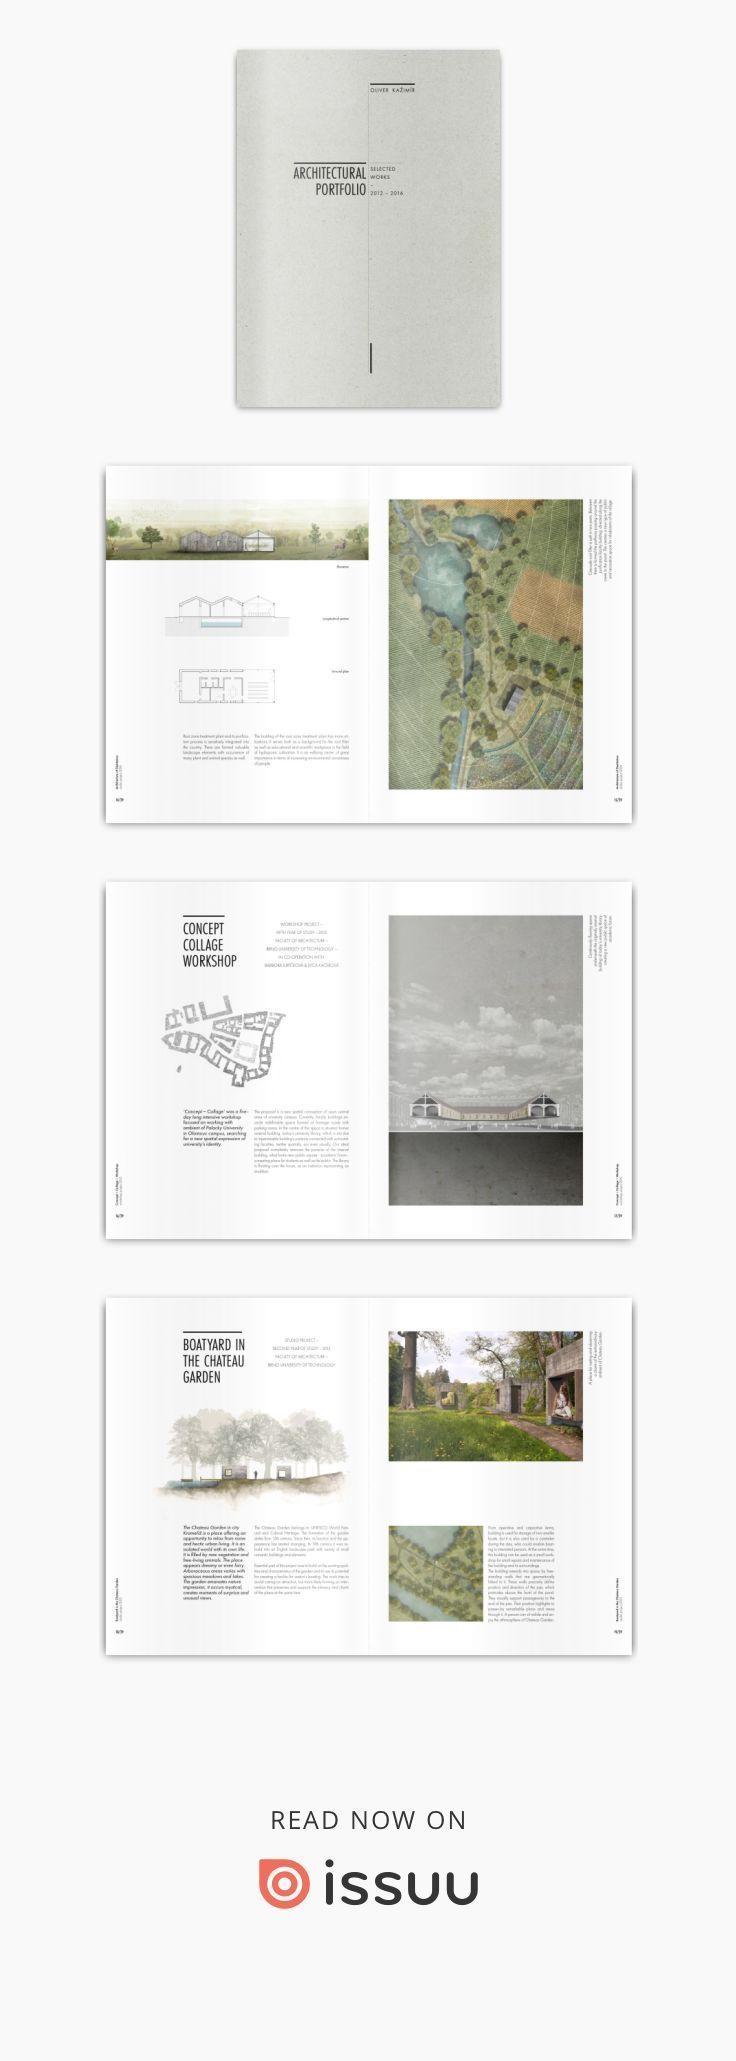 SCAD Undergraduate-Architekturportfolio – #portfolio #SCAD #UndergraduateArchite…